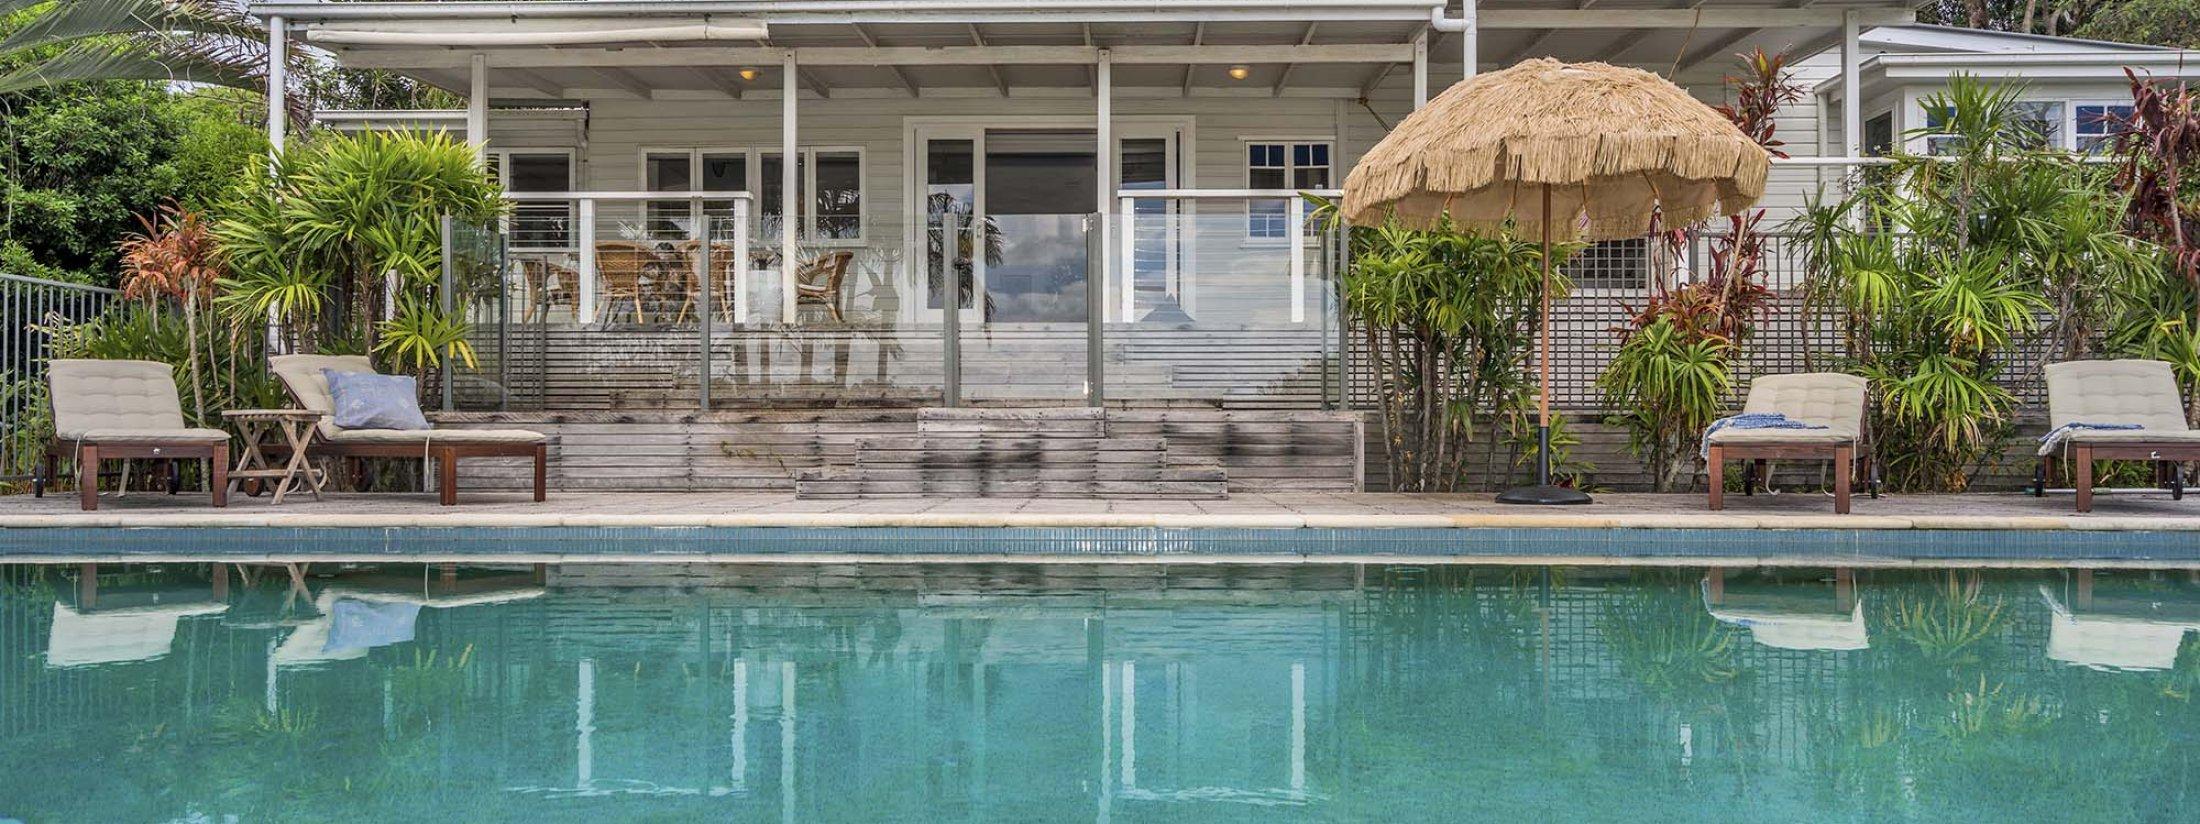 Casa Luminosa - Byron Bay - Pool and Back of House